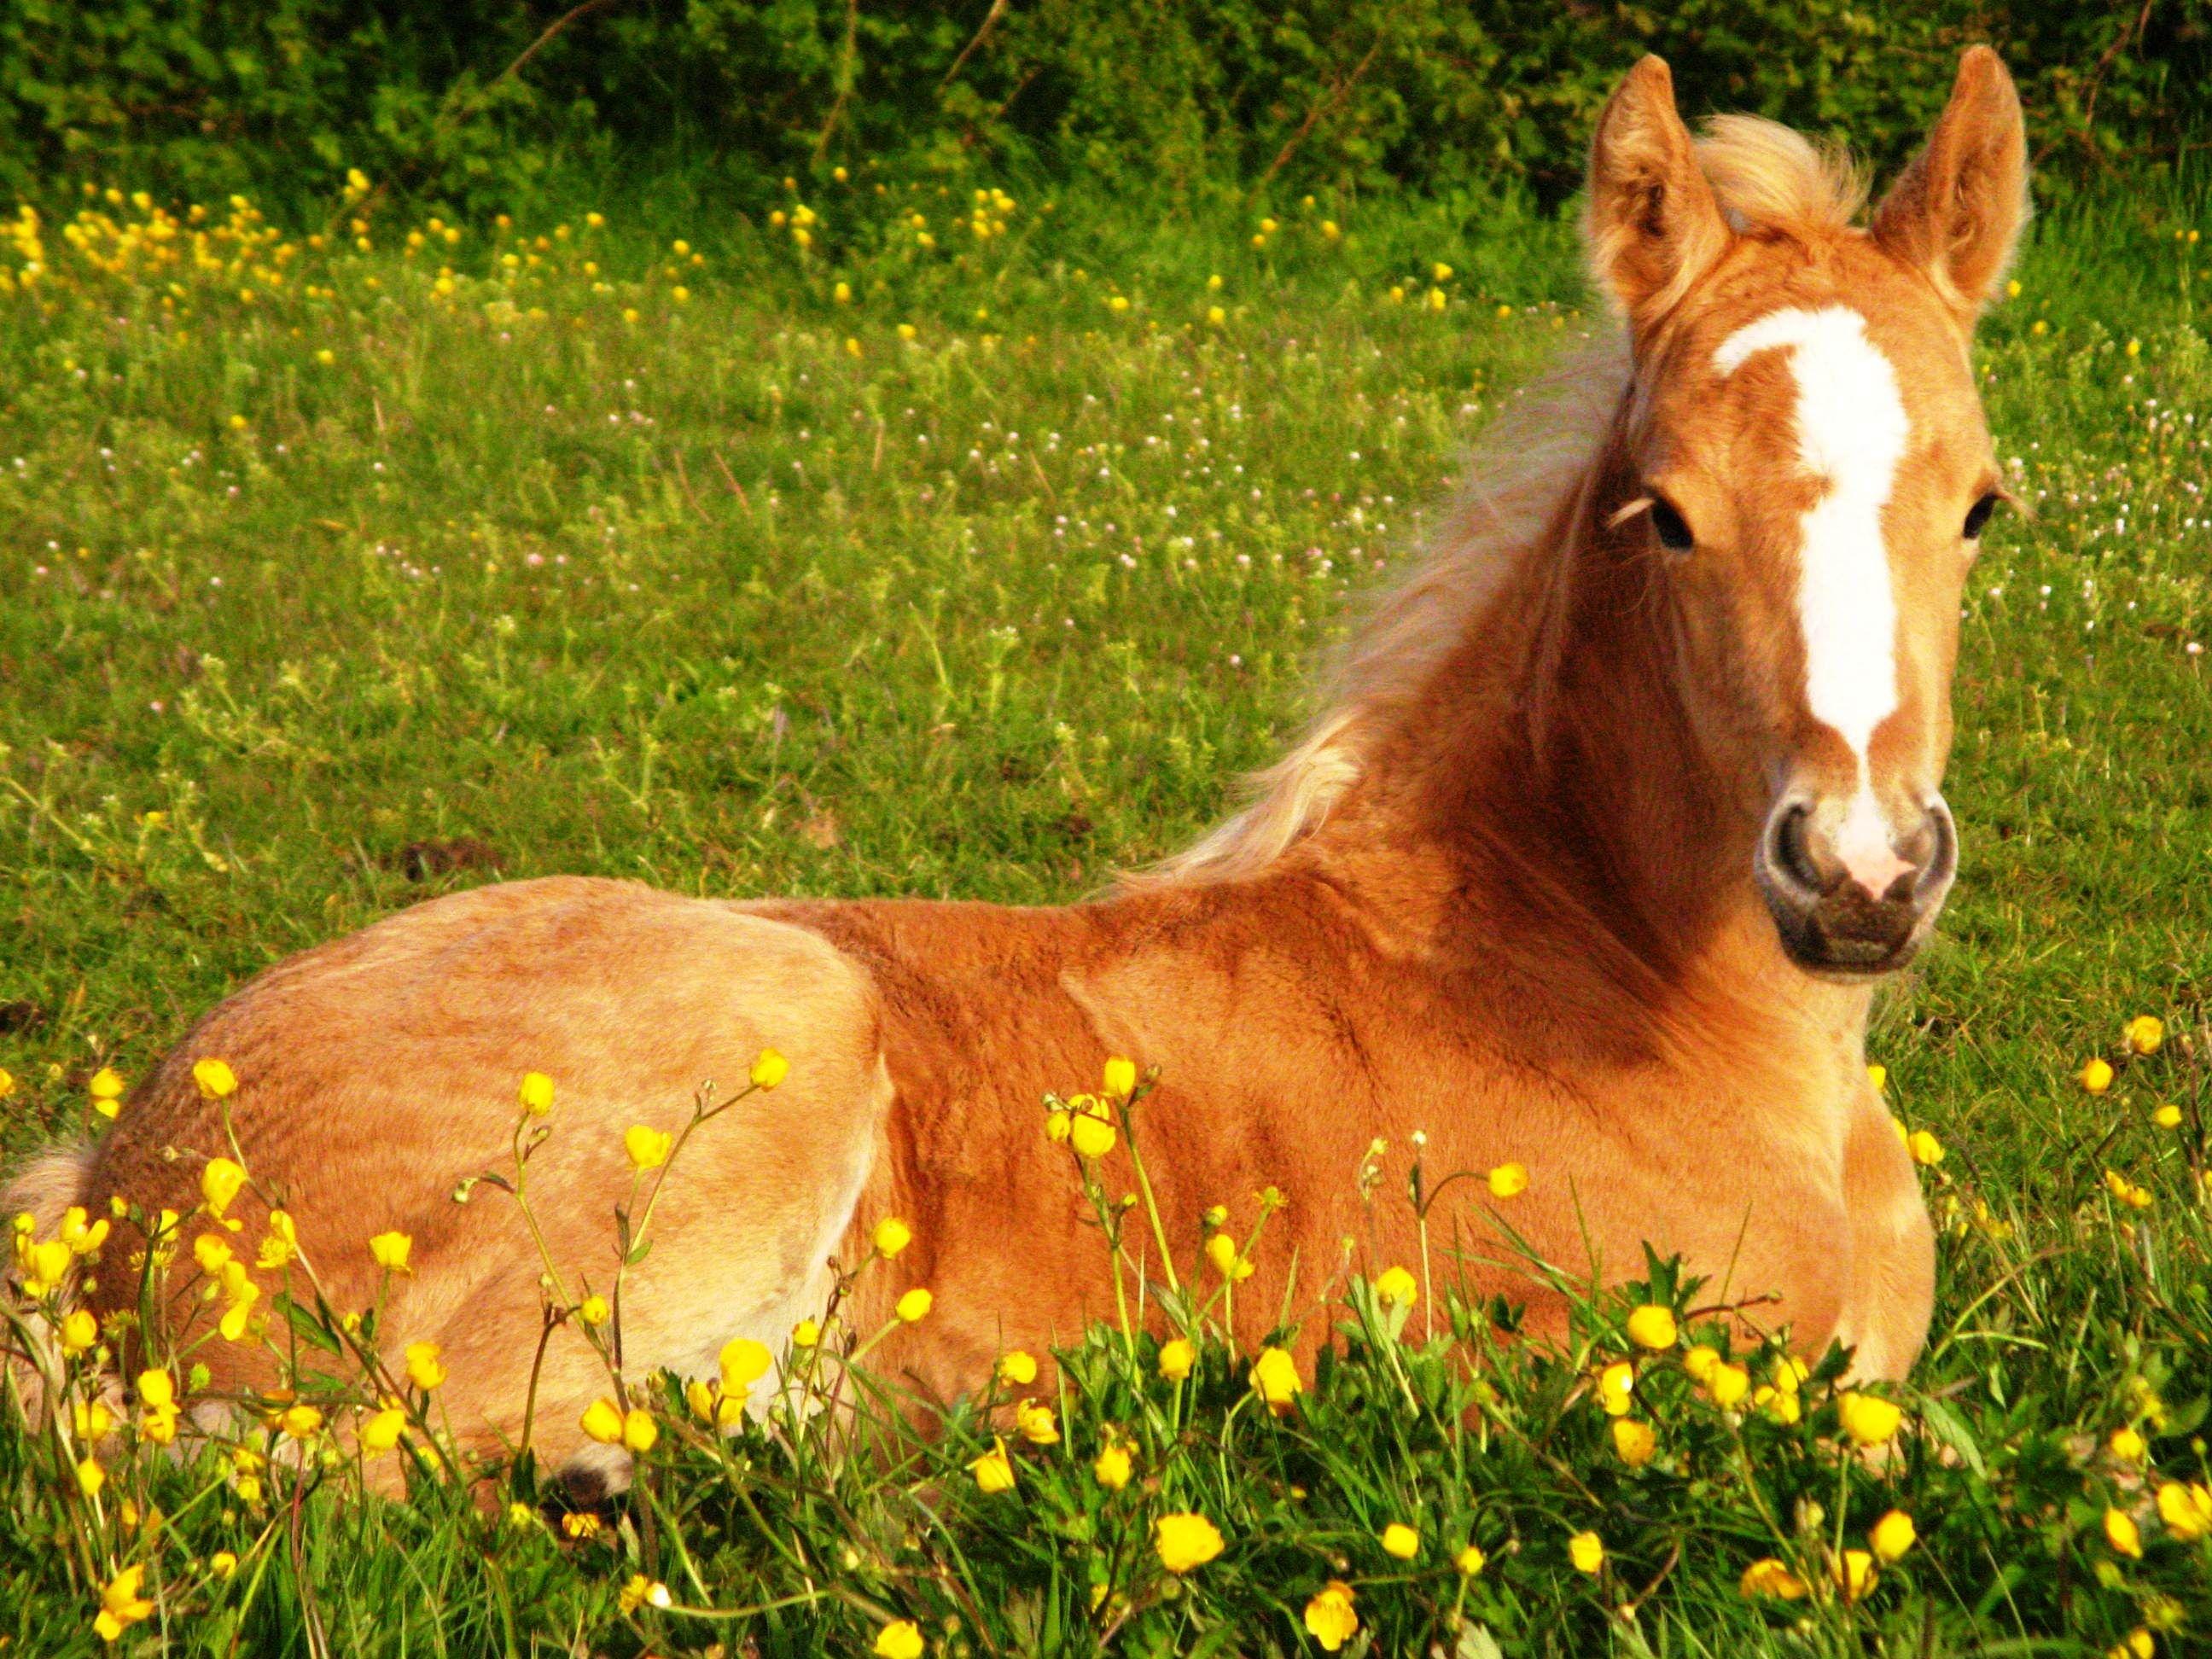 Beautiful Cute Baby Girl Hd Wallpaper Cute Foals Cute Horse Wallpapers Wallpaper Cave